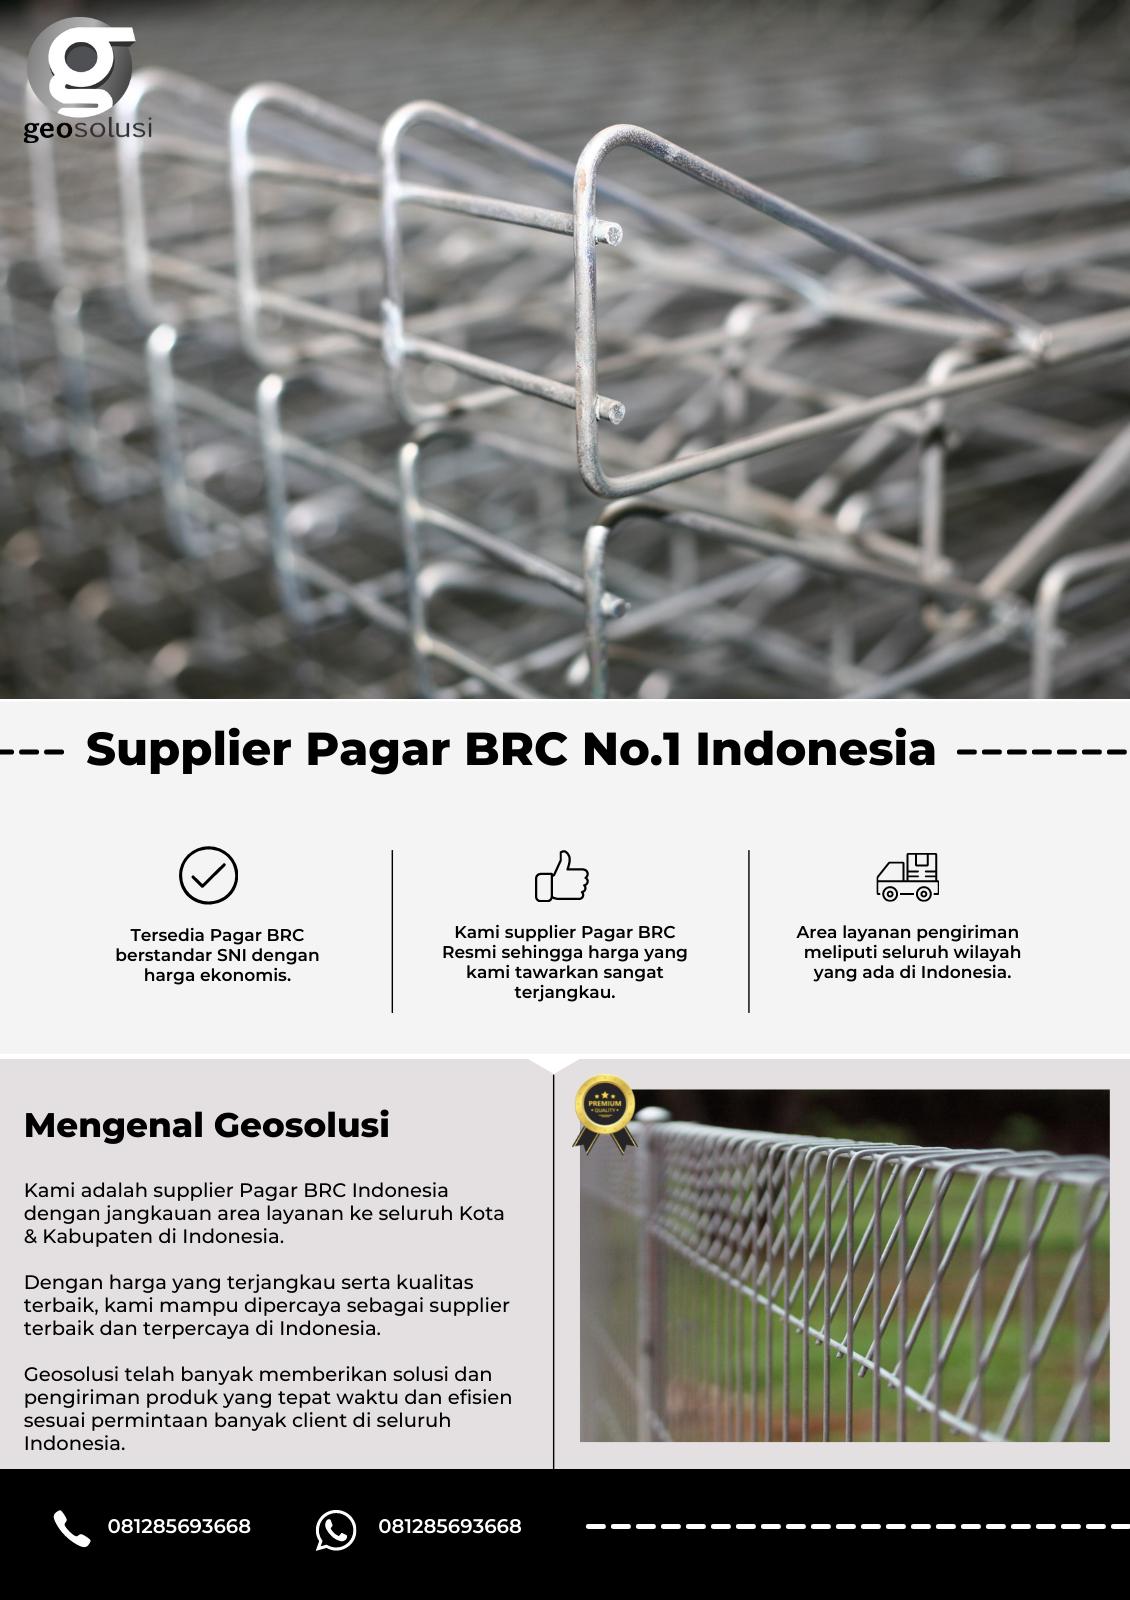 Supplier Pagar BRC No.1 Indonesia